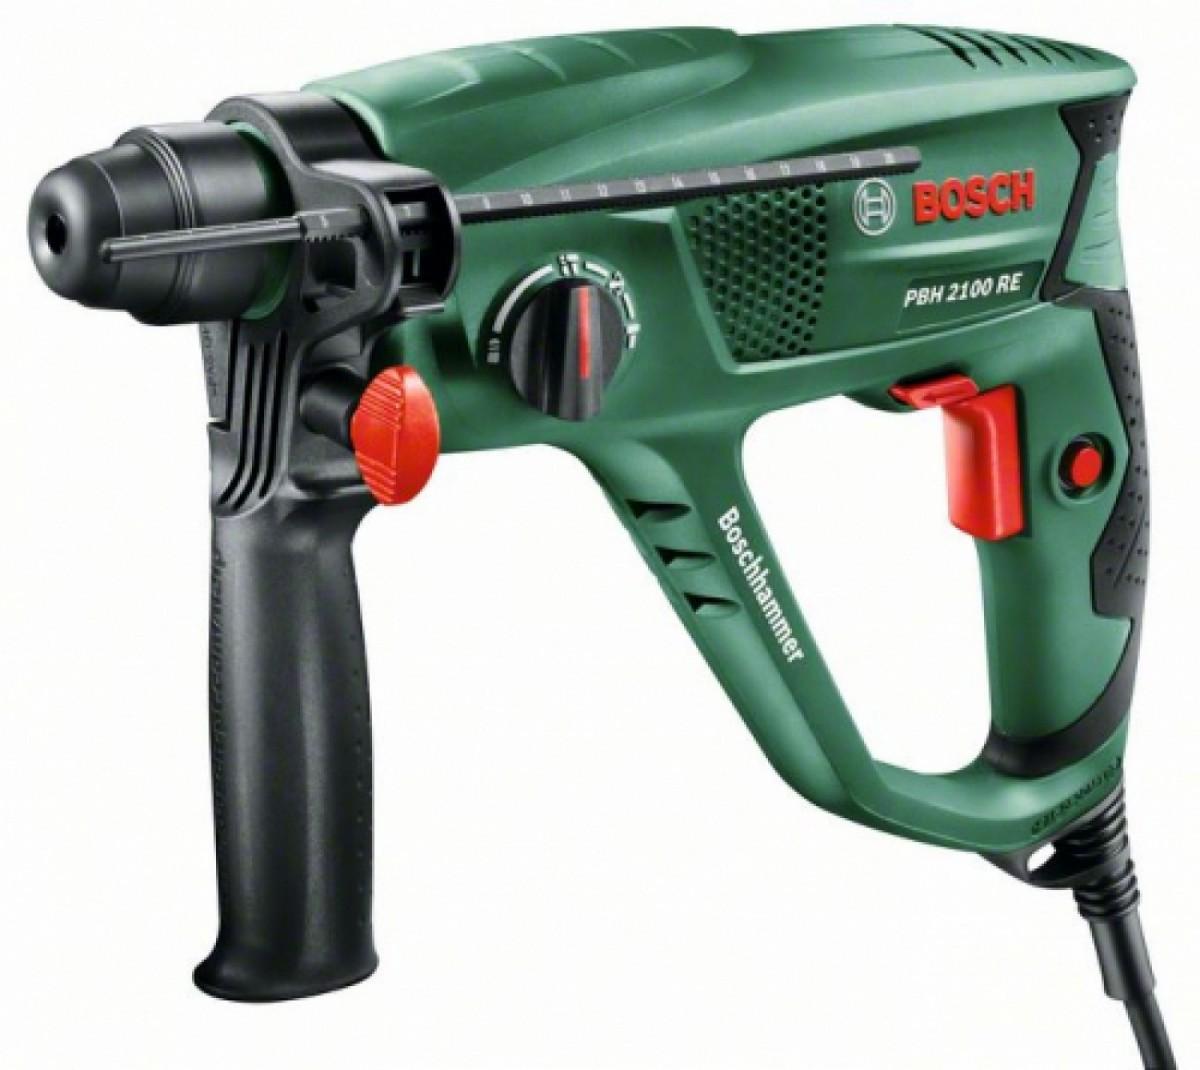 BOSCH - BOSCH PBH 2100 RE fúrókalapács - Bosch termékek